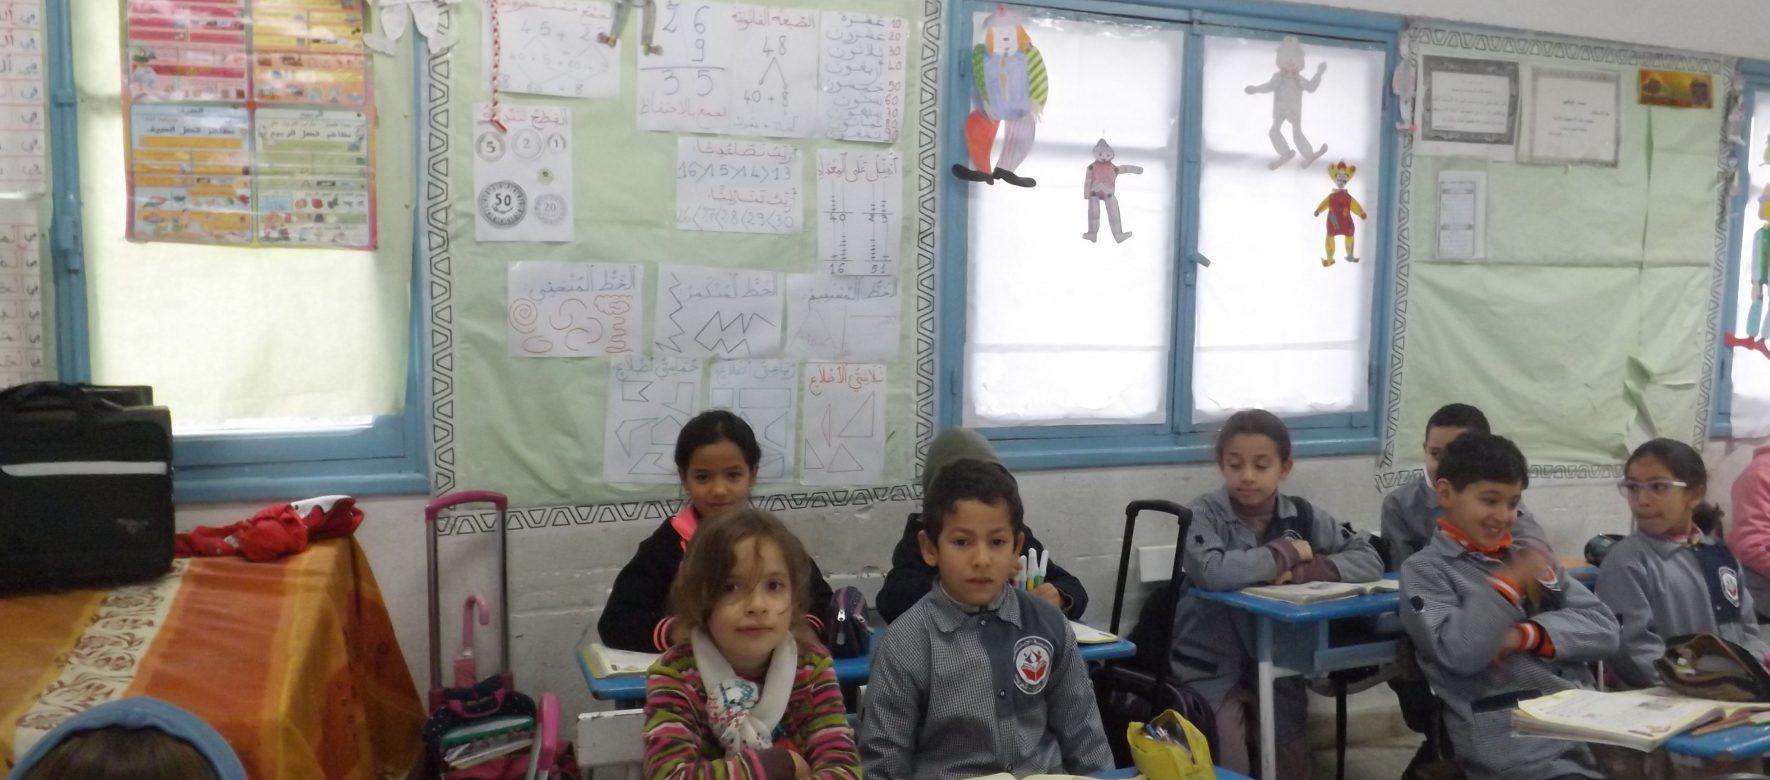 La Tunisie se mobilise pour moderniser ses infrastructures scolaires